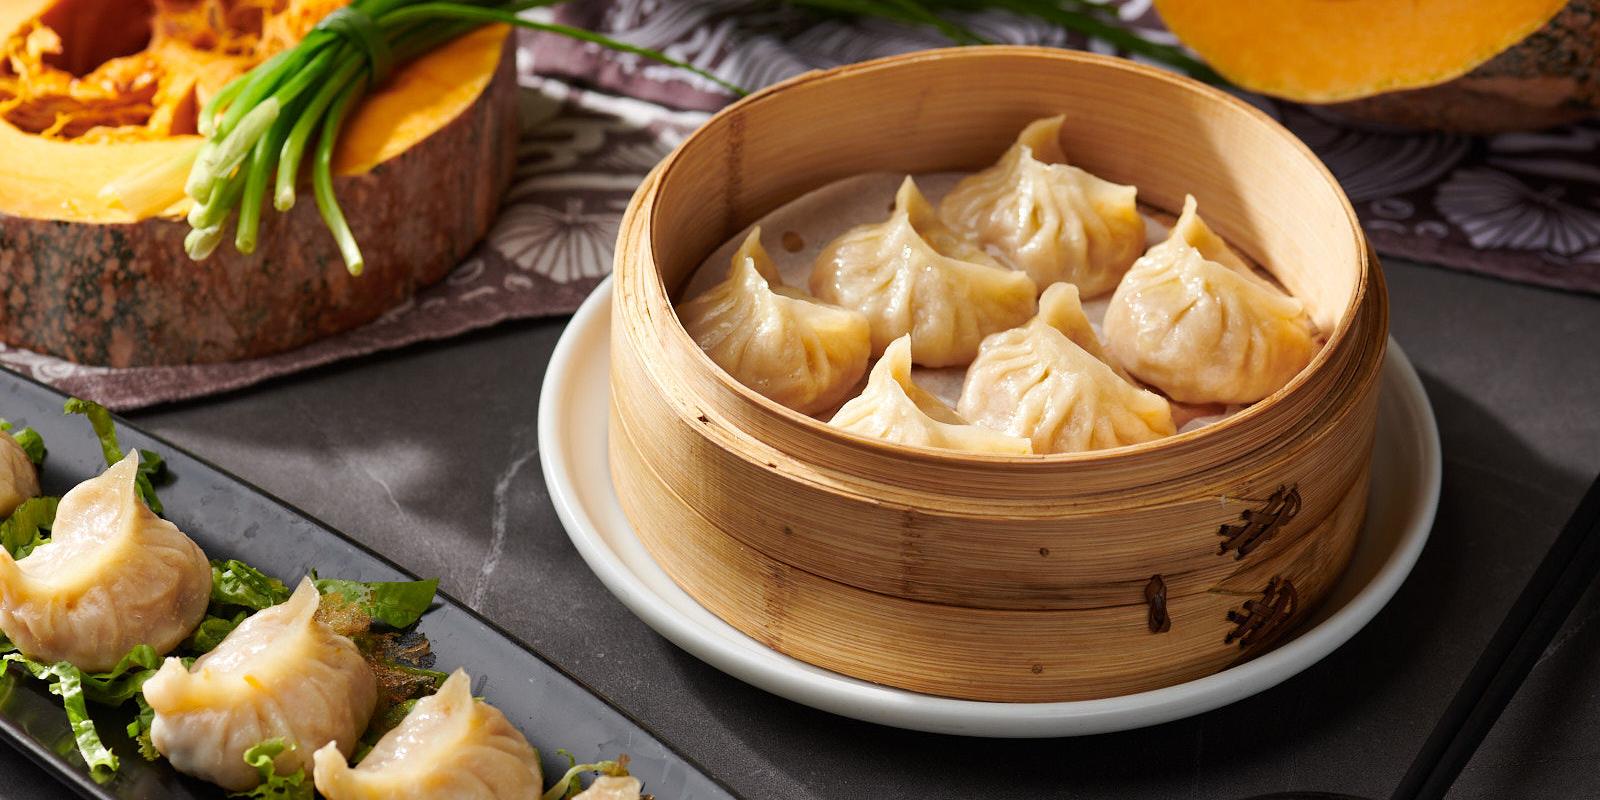 Dumplings of Xibo located on Changshu Lu, Jing